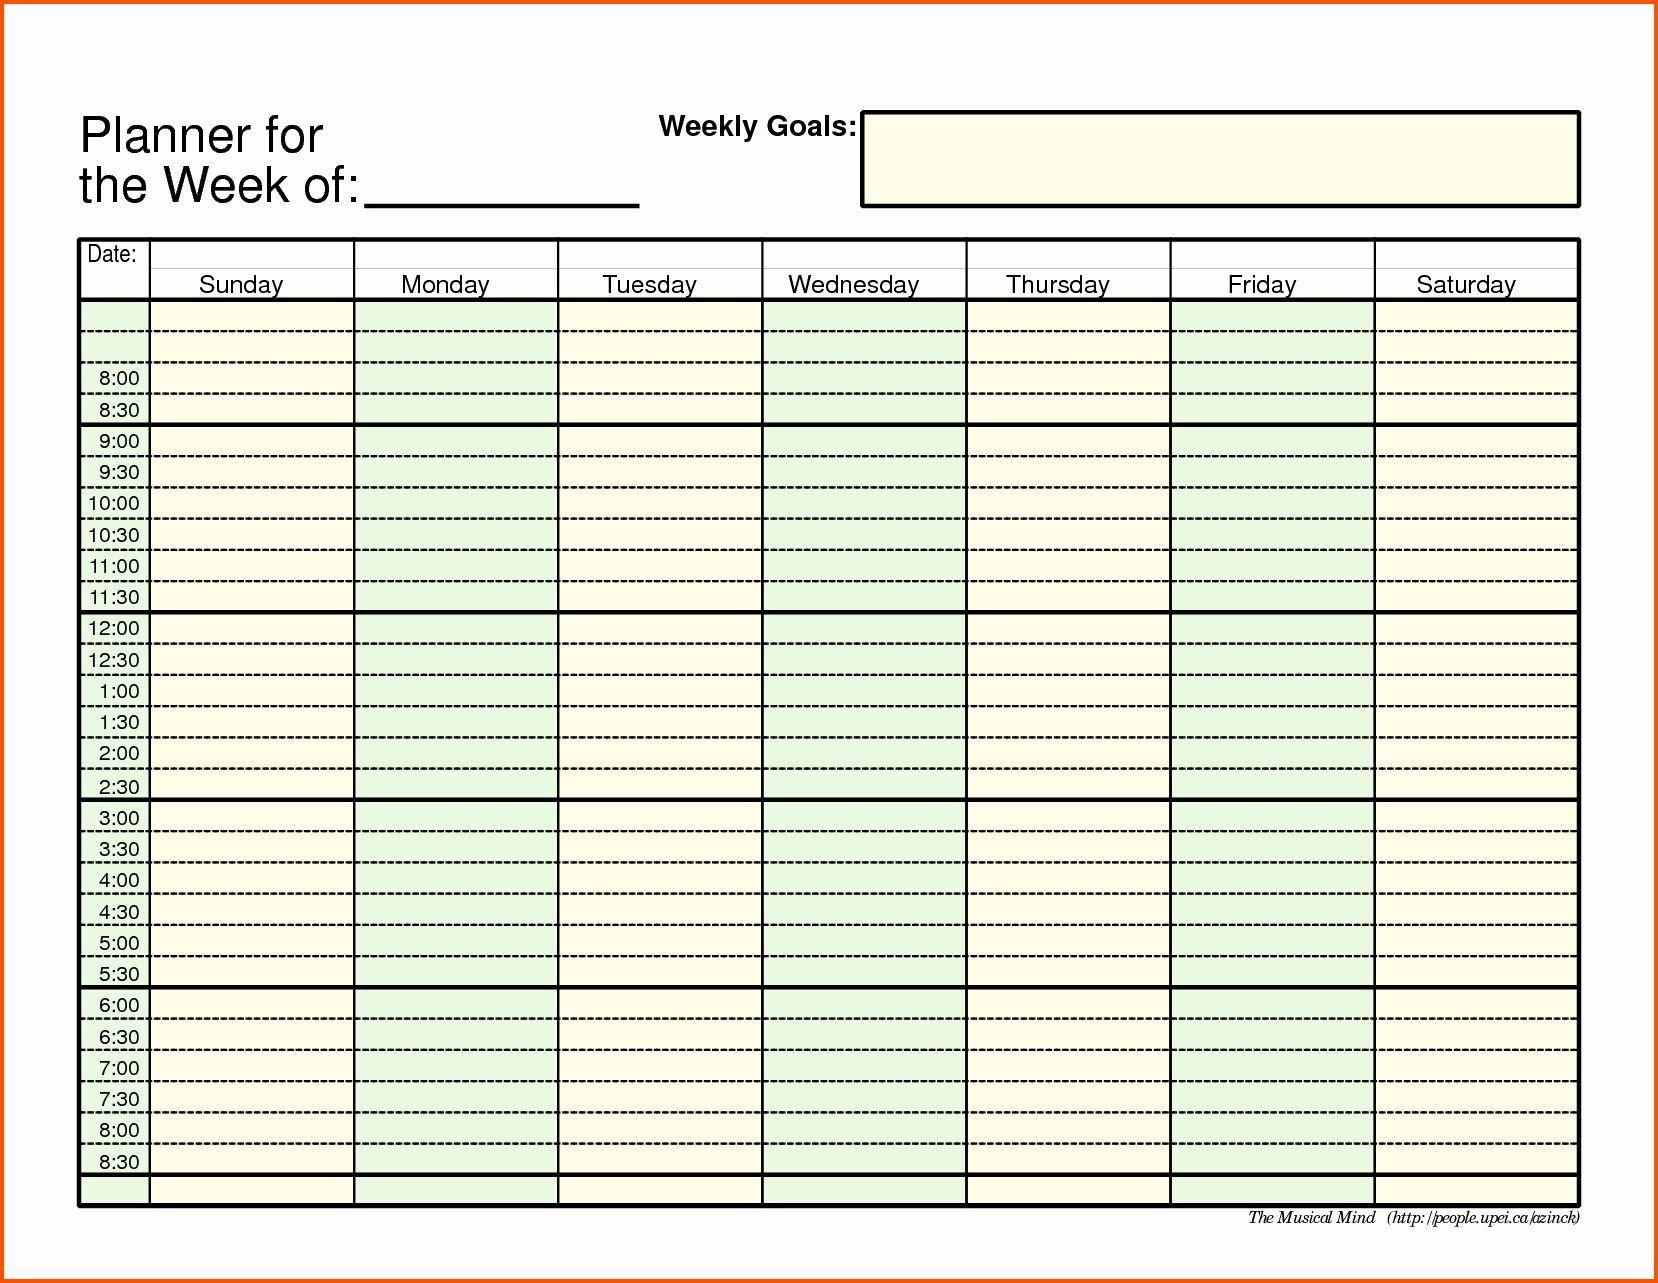 Week Schedule Template Pdf Luxury Weekly Schedule Template Printable Calendar With Hourly Slots